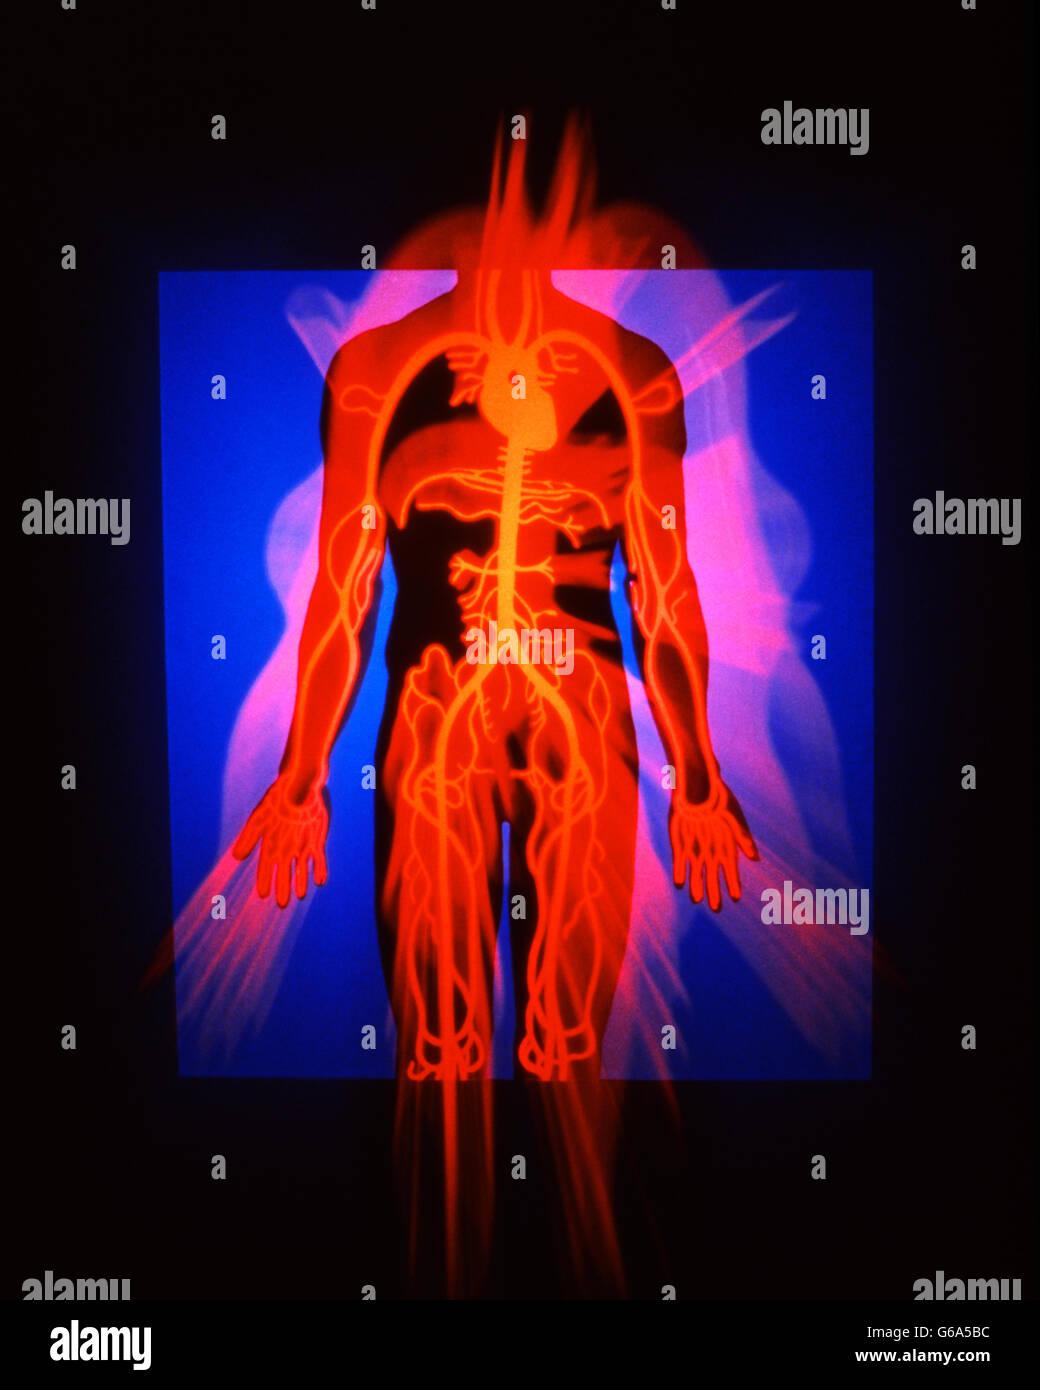 Equipo médico ilustración del cuerpo humano mostrando las venas y ...